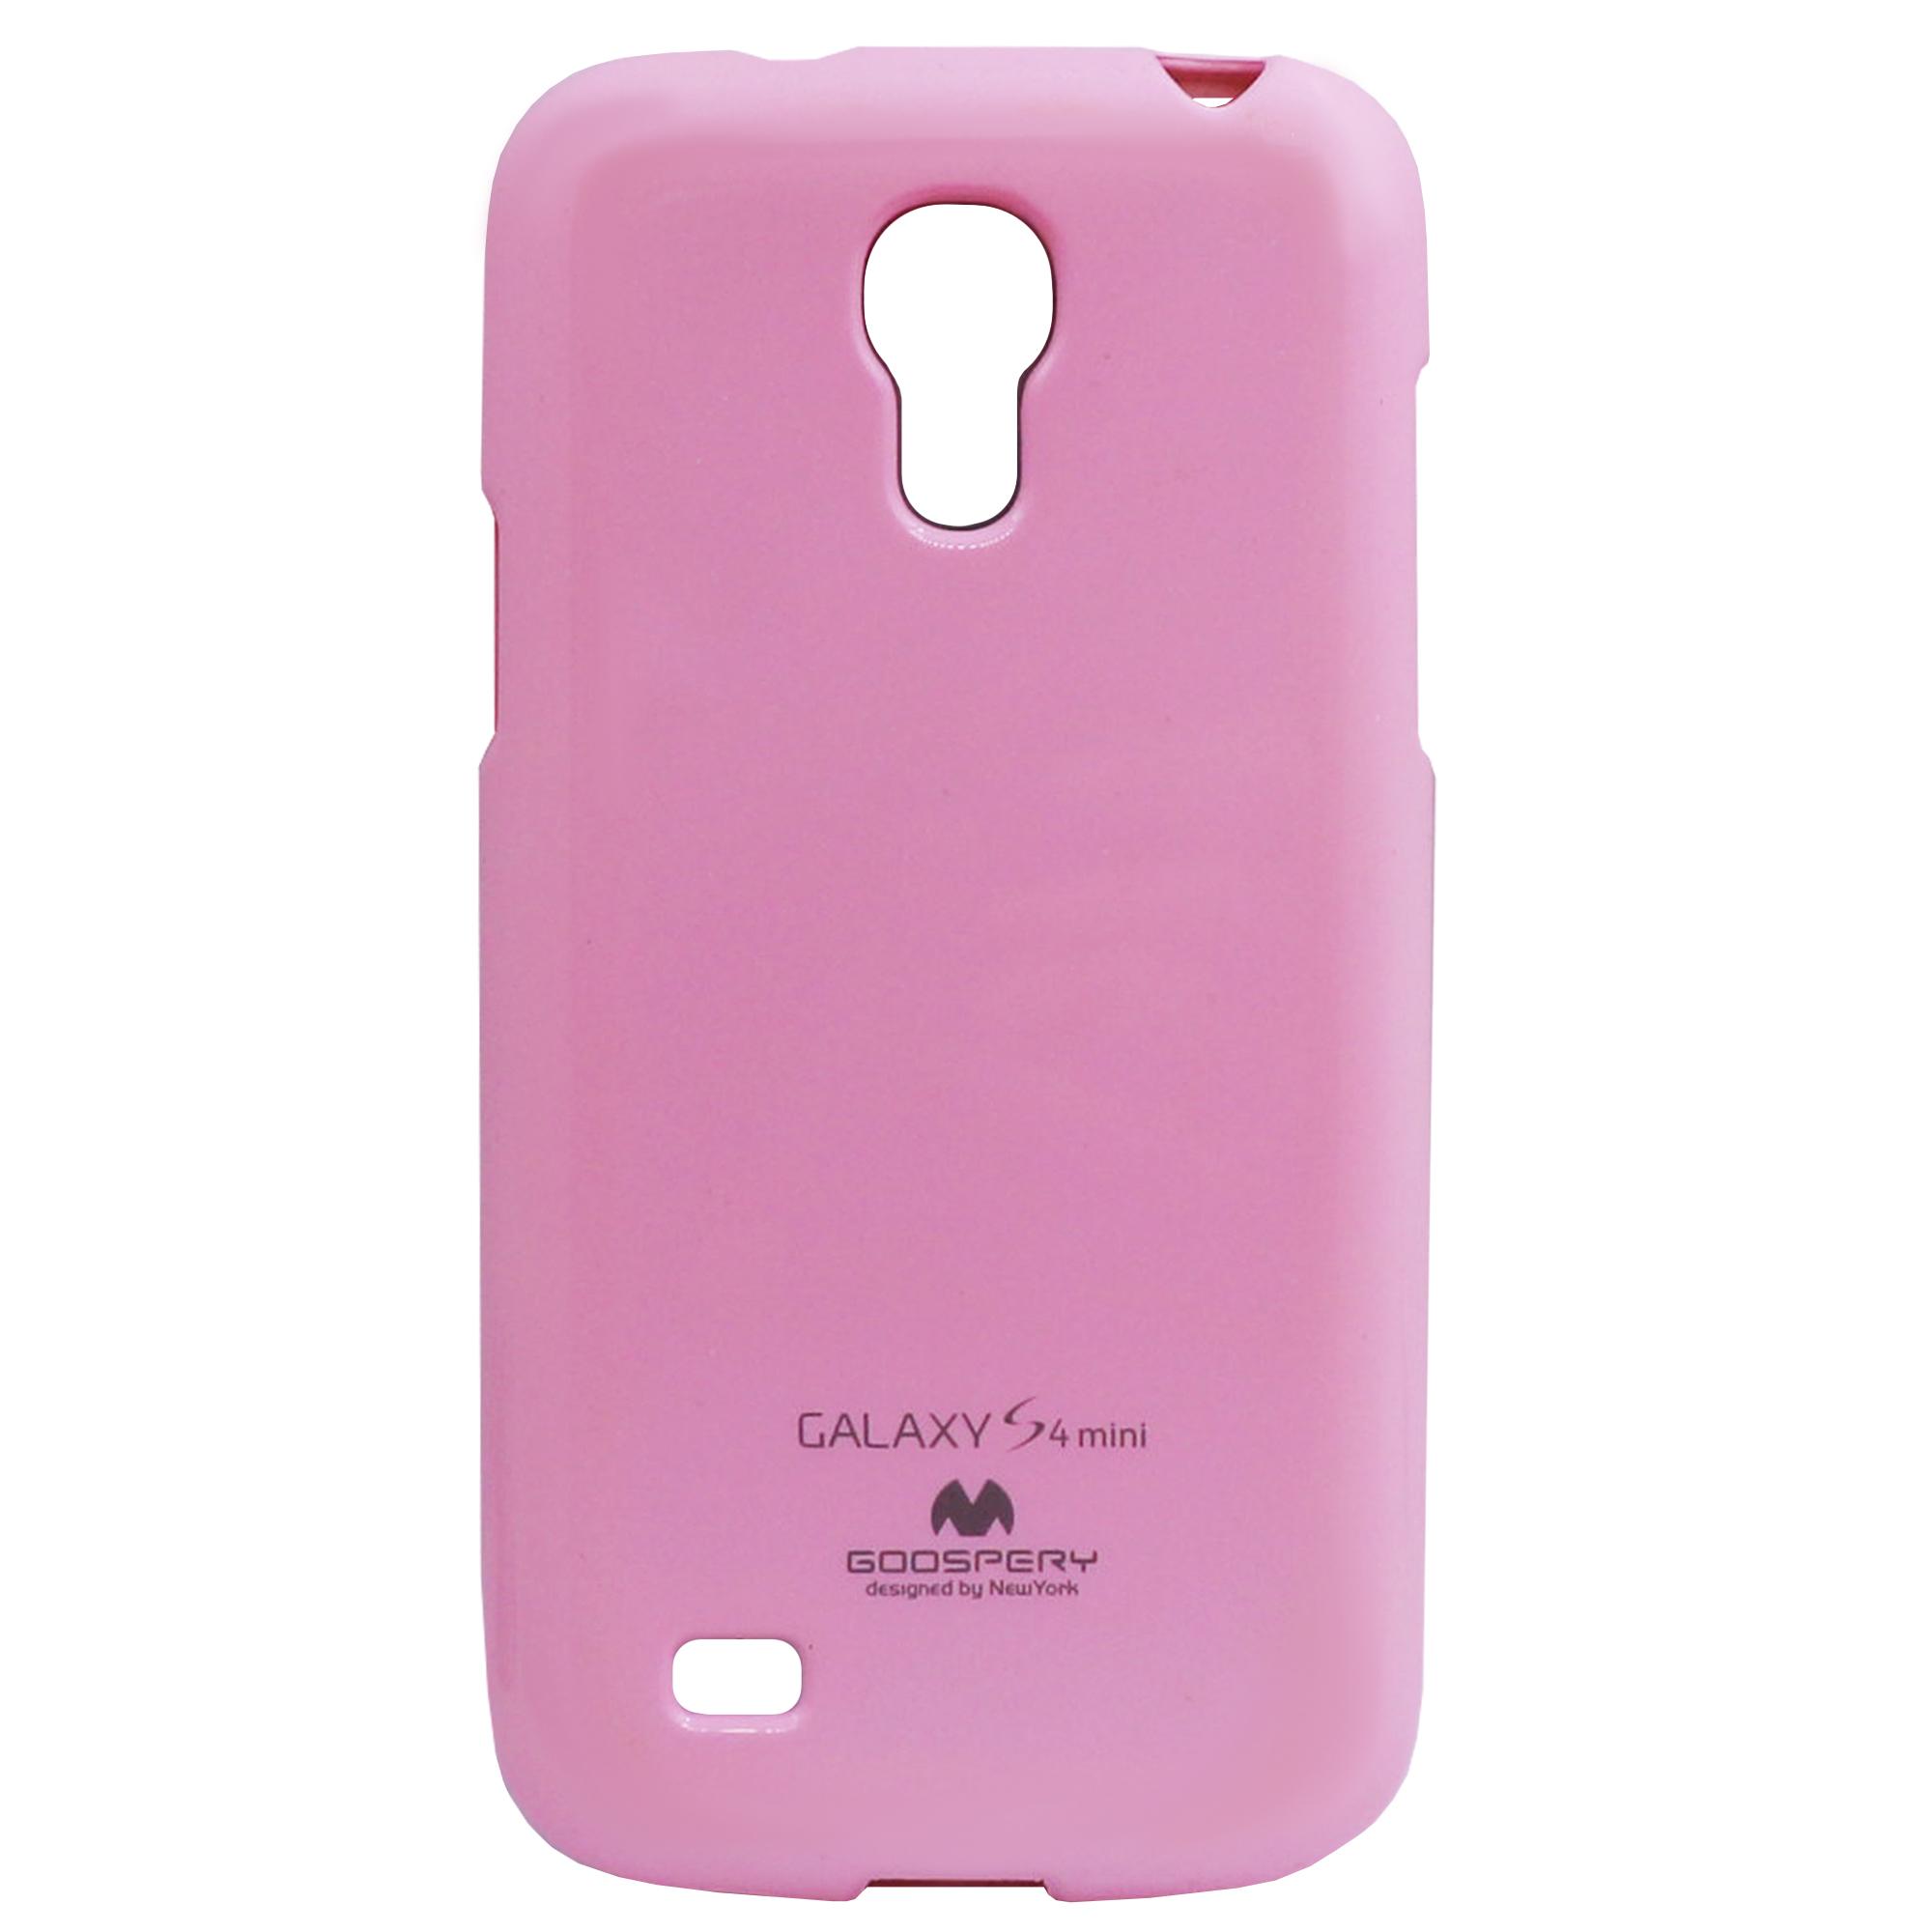 کاور گوسپری مدل goos-01 مناسب برای گوشی موبایل سامسونگ Galaxy S4 mini